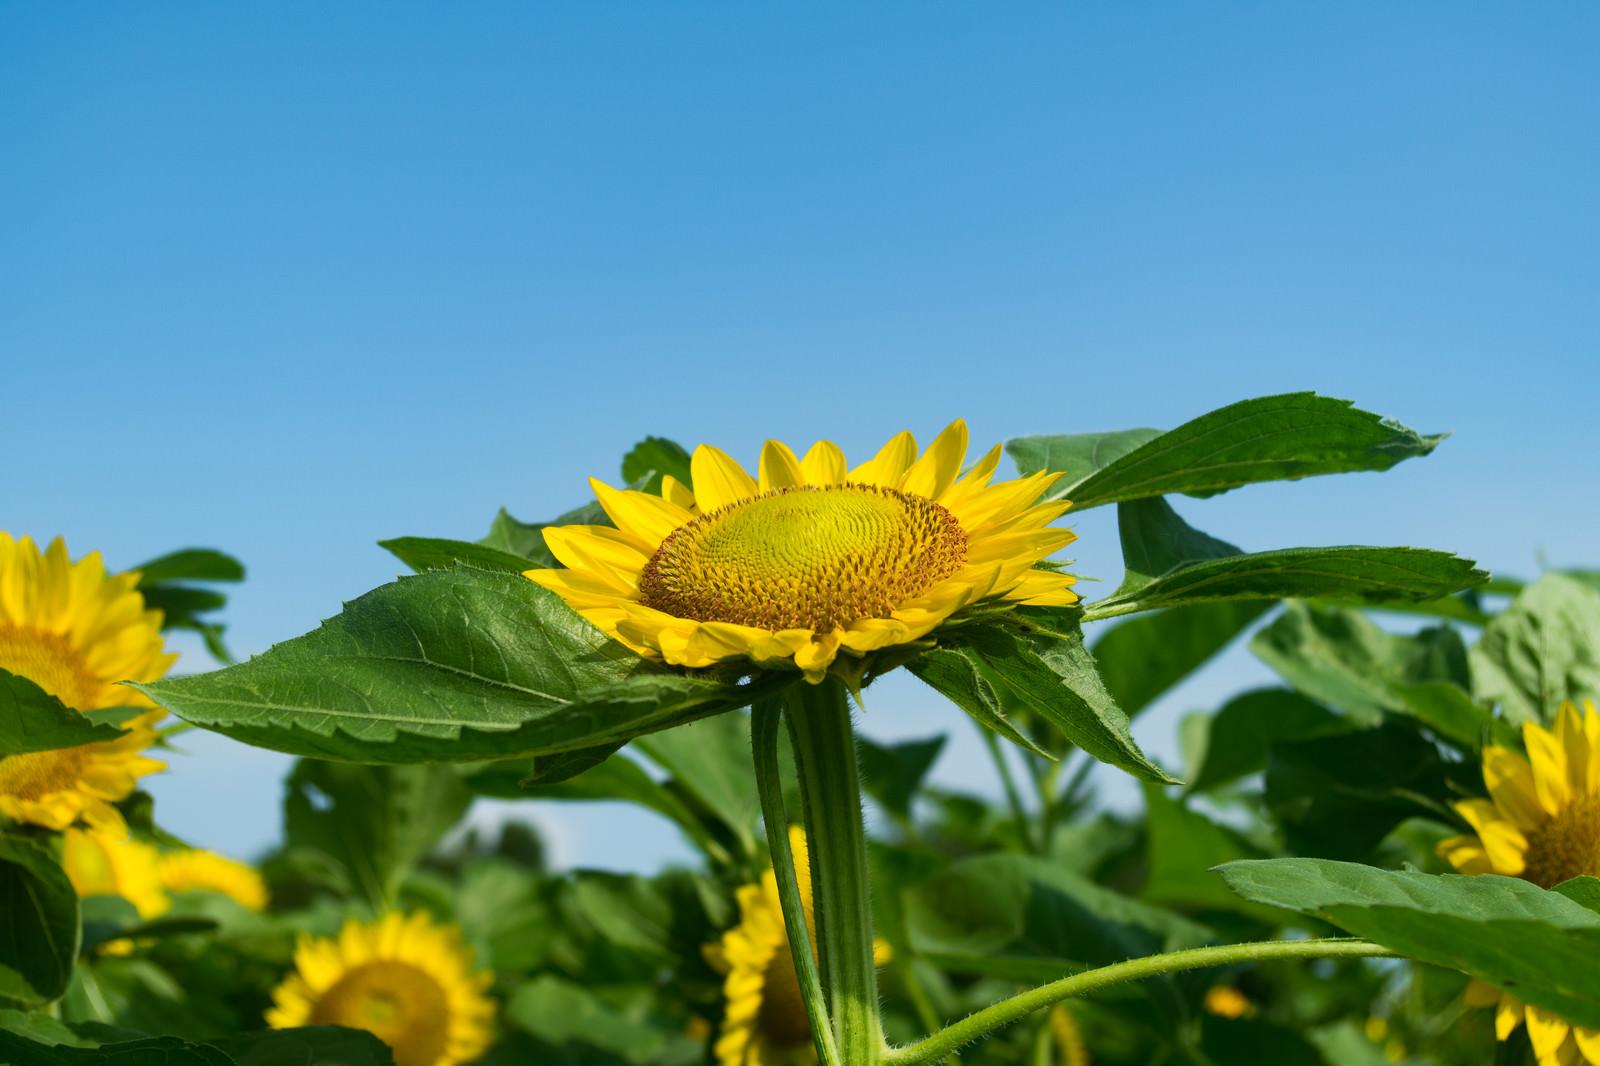 「空を向いて咲く向日葵空を向いて咲く向日葵」のフリー写真素材を拡大